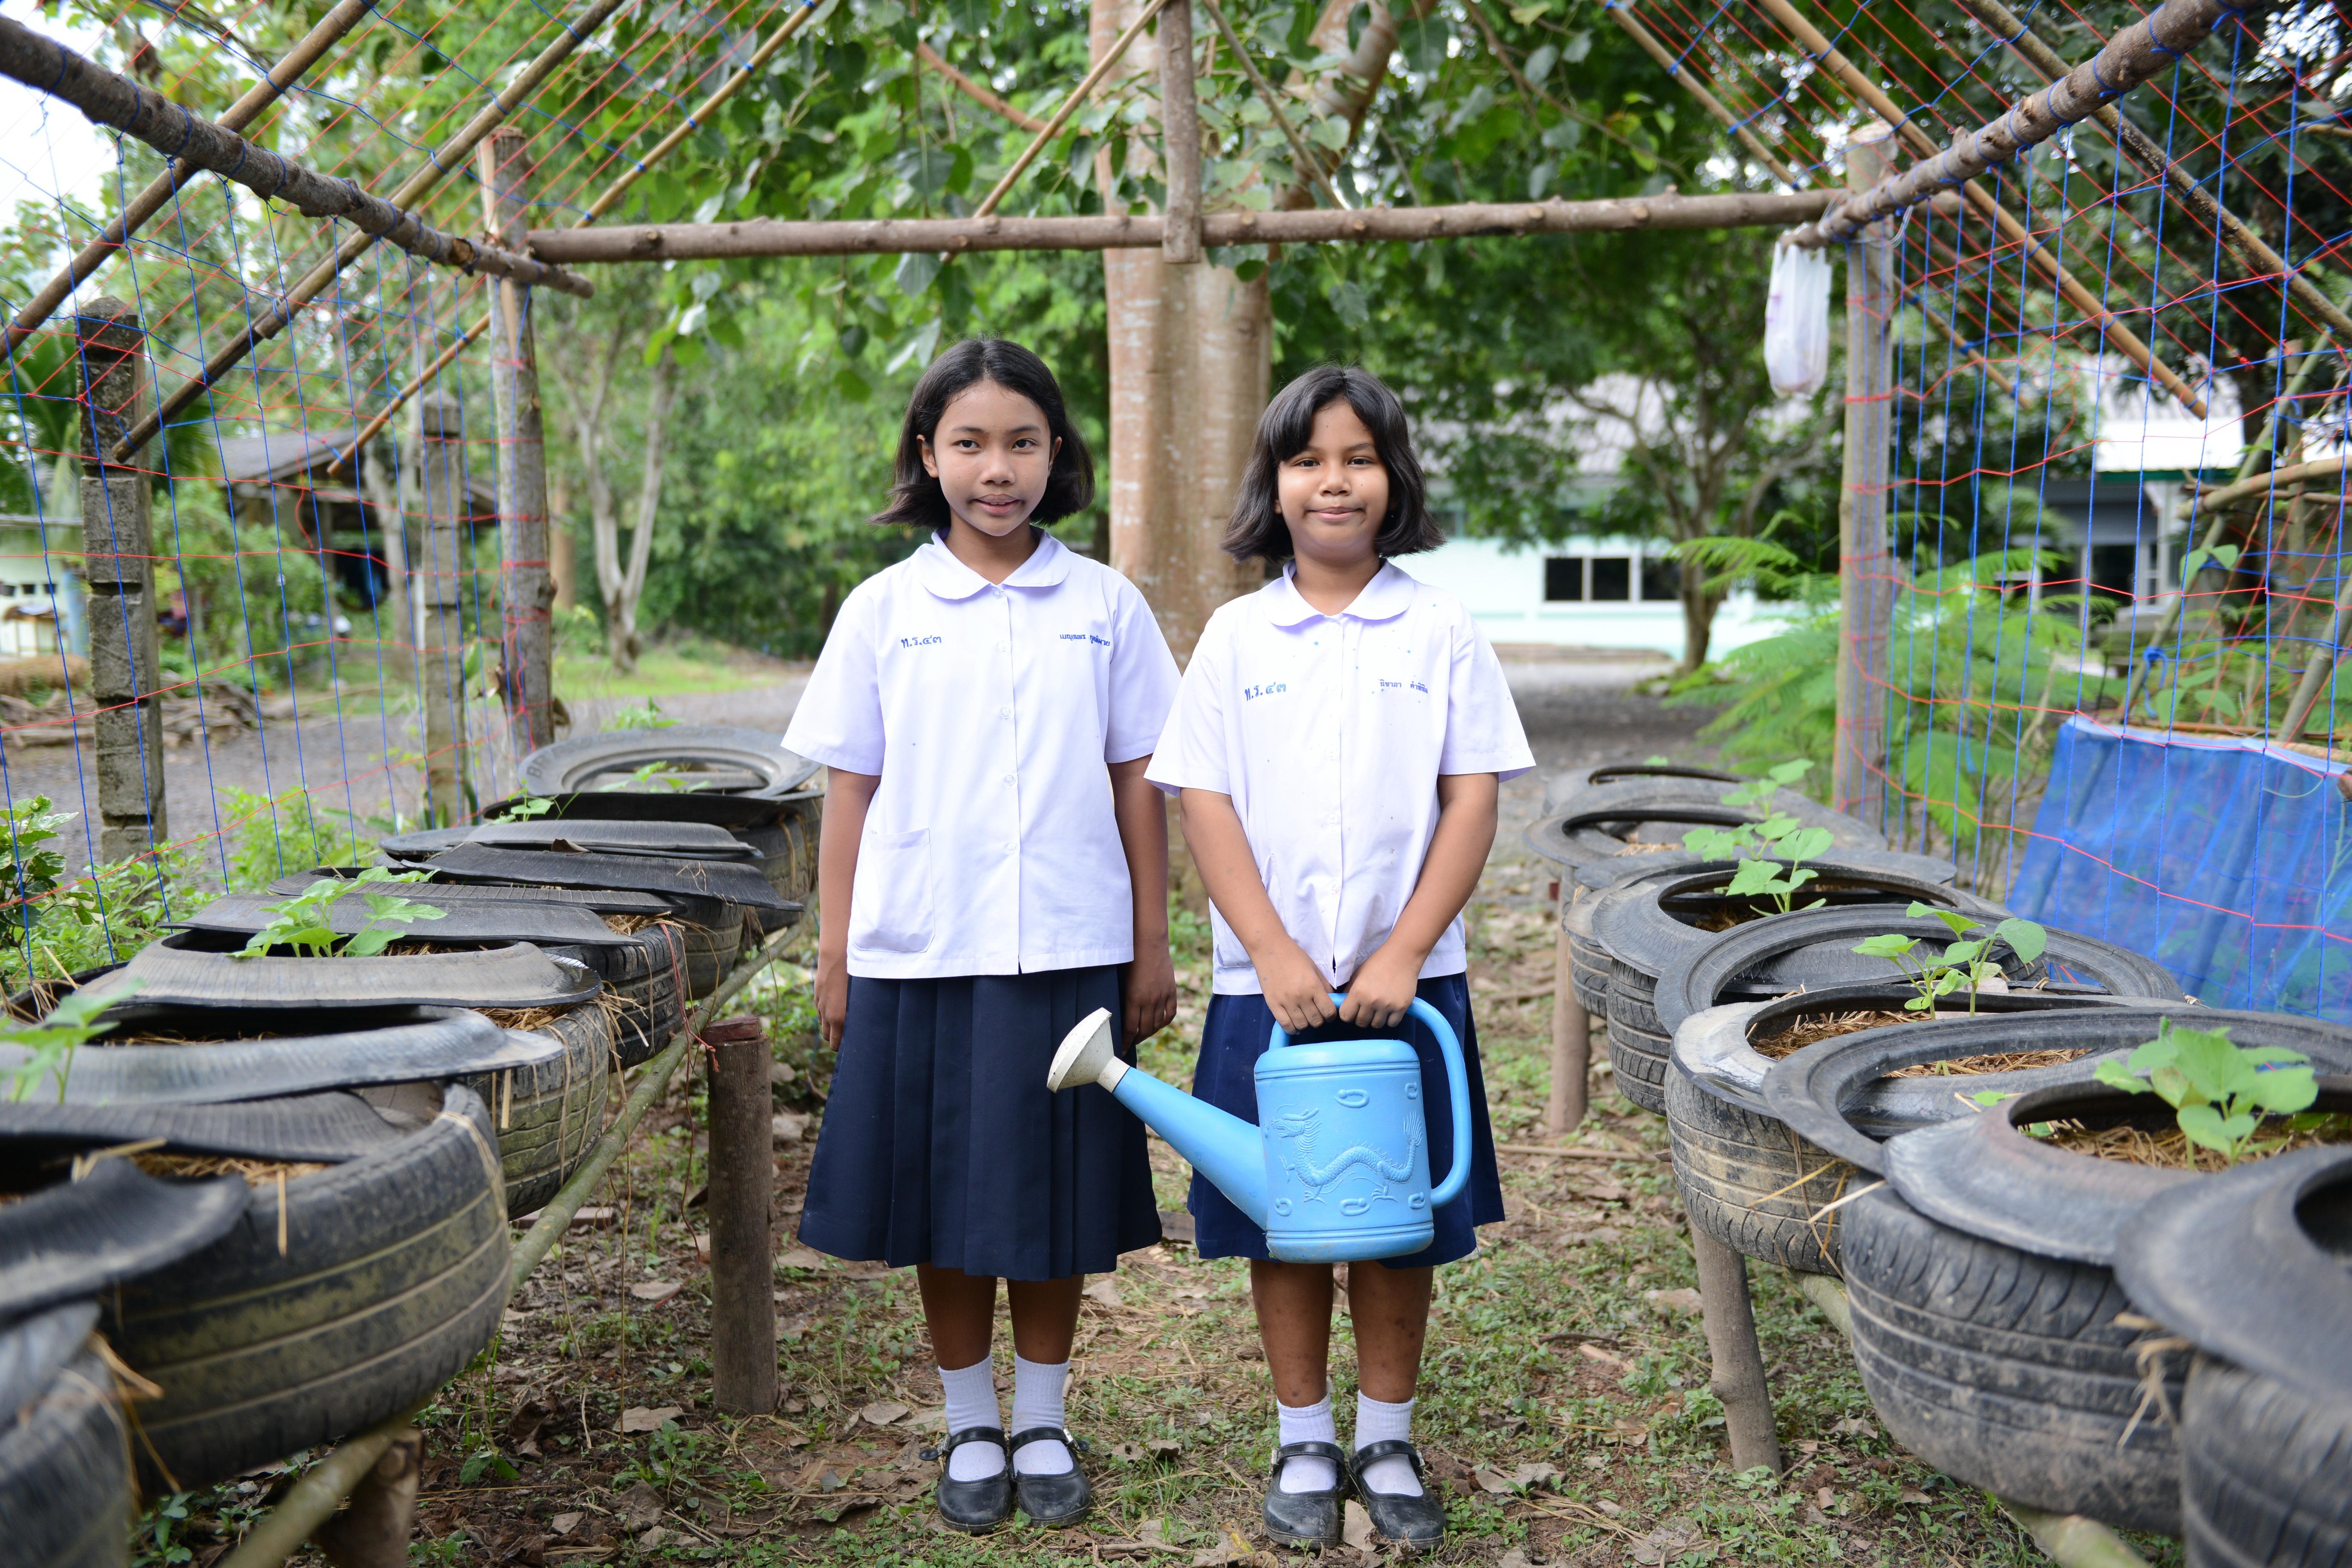 น้องๆโรงเรียนไทยรัฐวิทยา